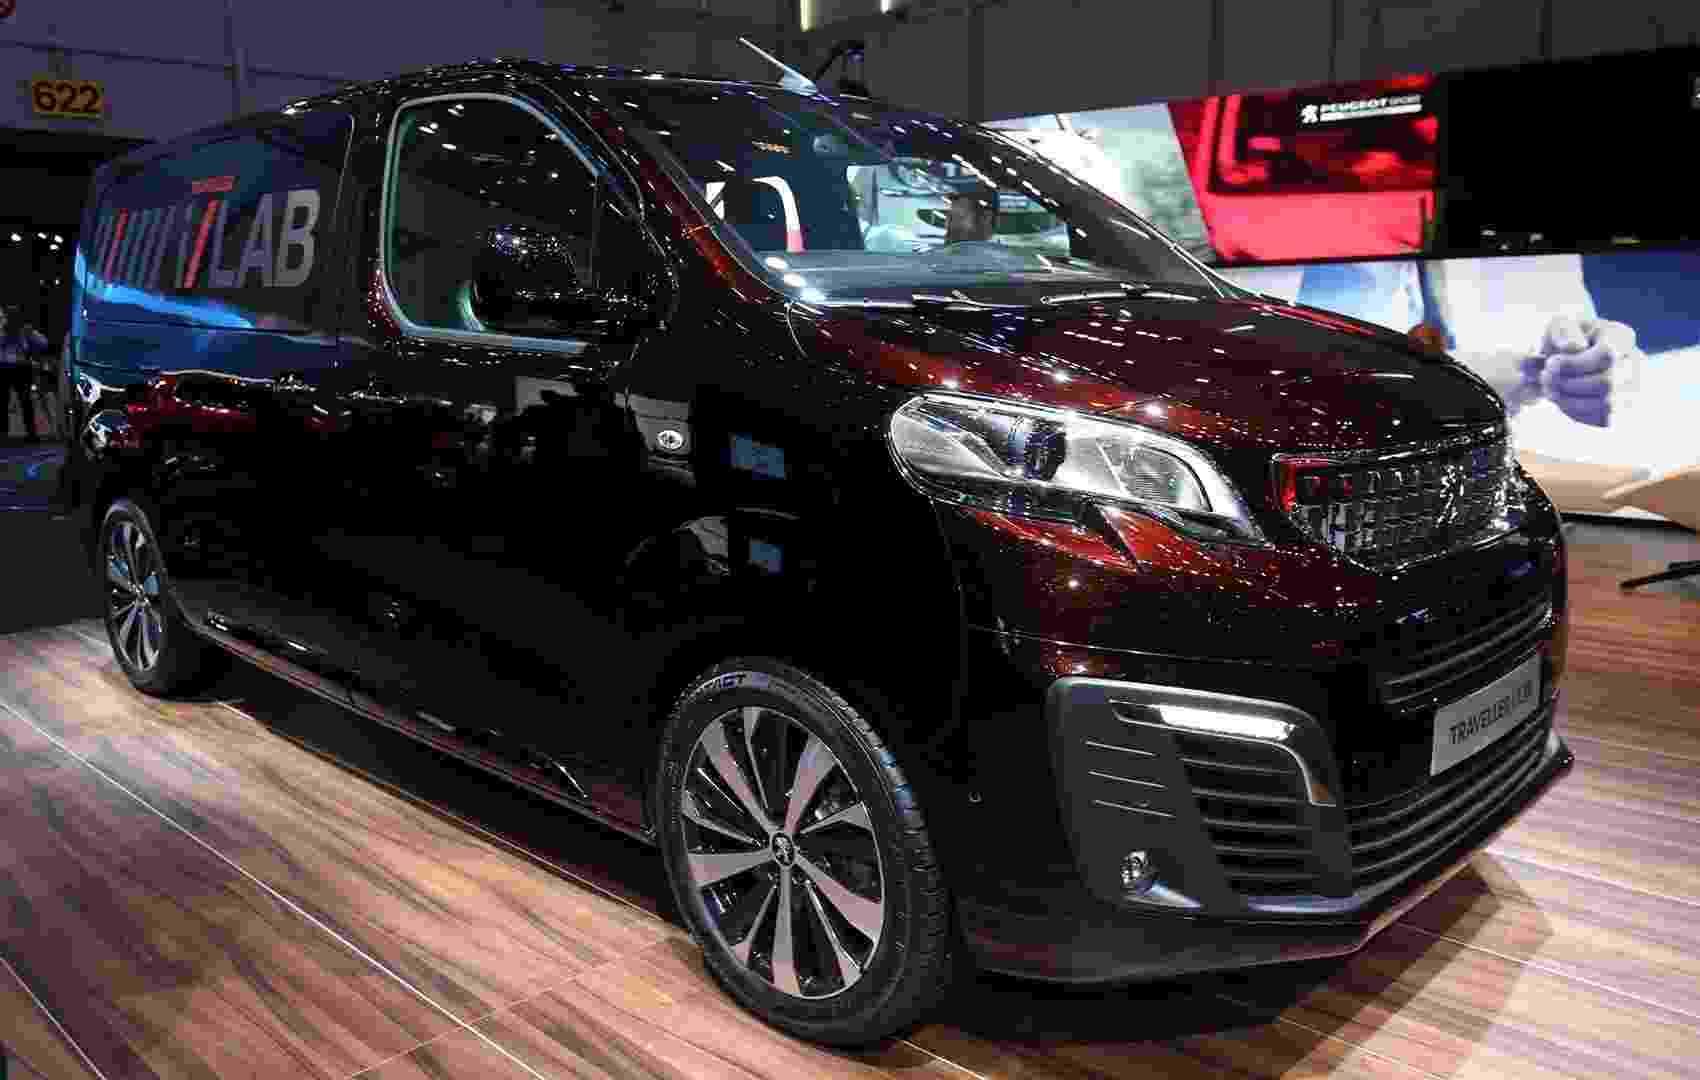 Peugeot Traveller i-Lab Concept - Newspress